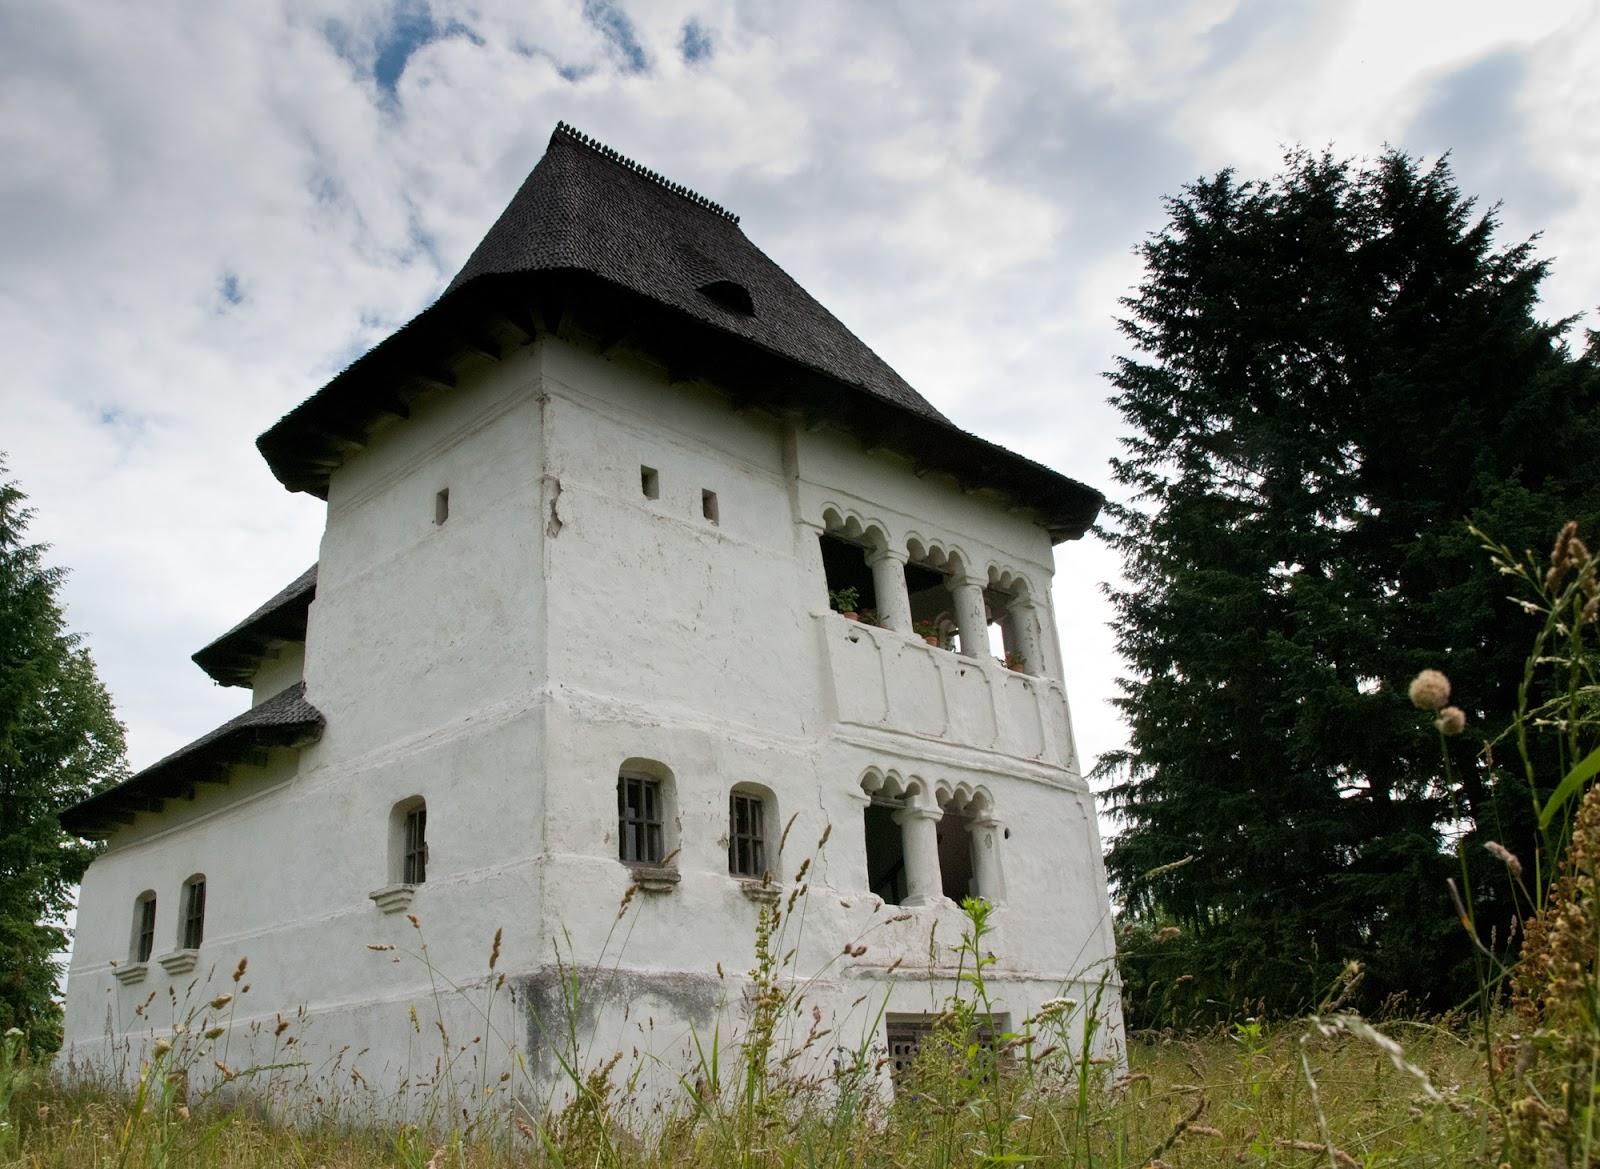 Casele au fost construite într-un stil neo-românesc